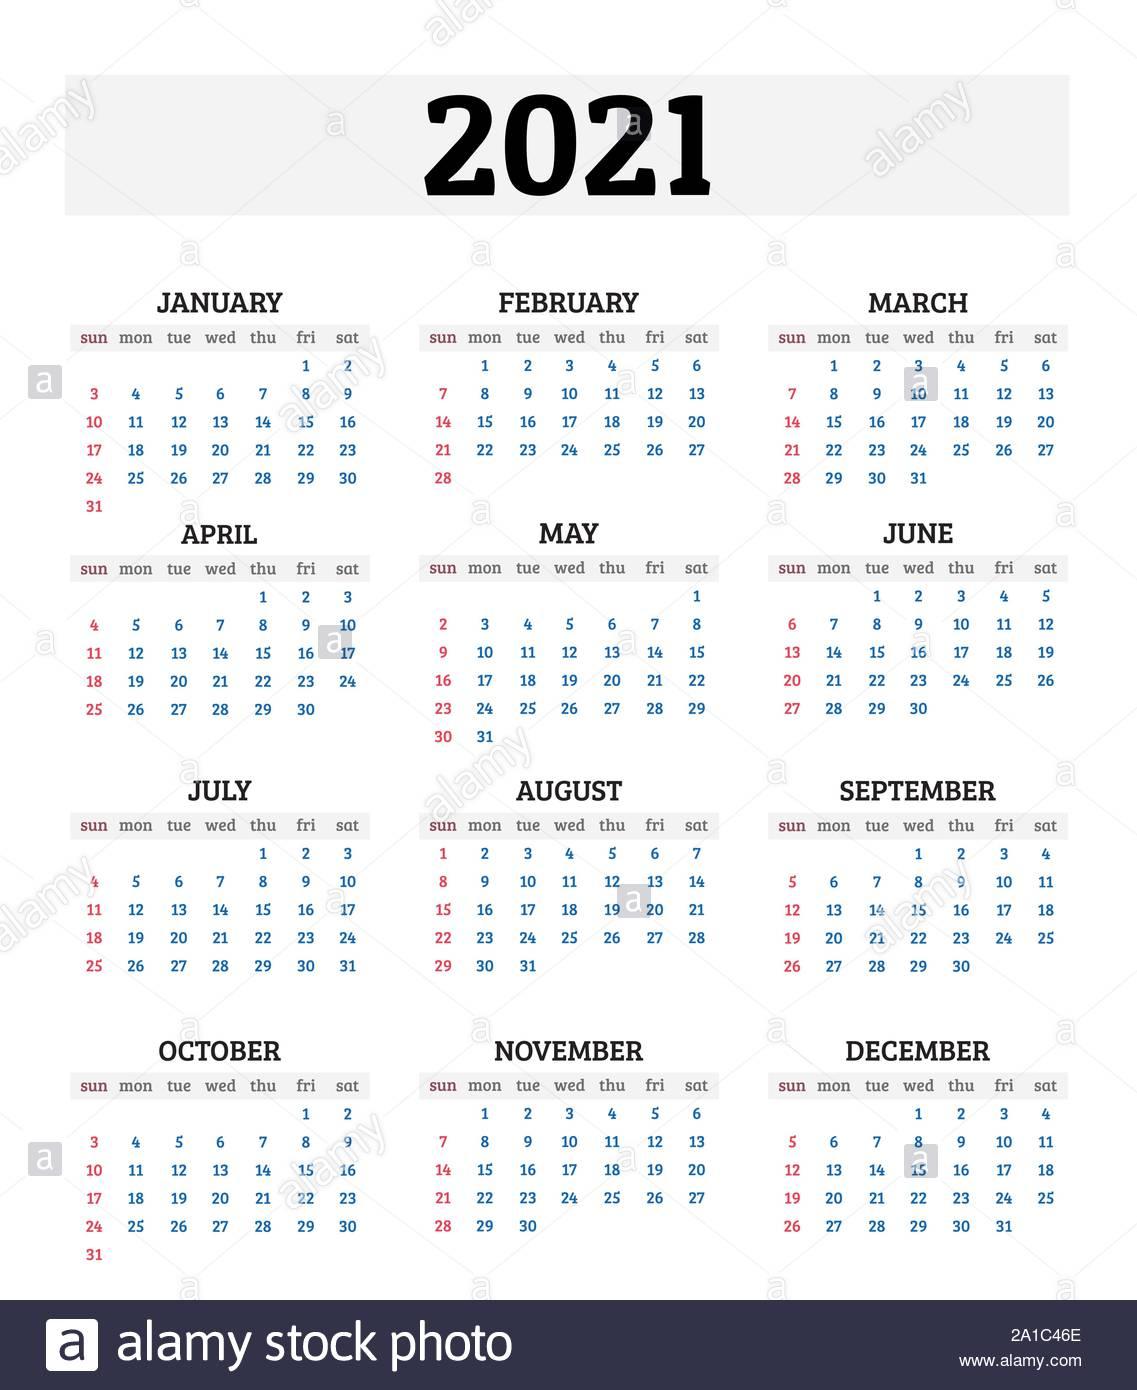 Calendario Anual Fotos E Imágenes De Stock - Alamy